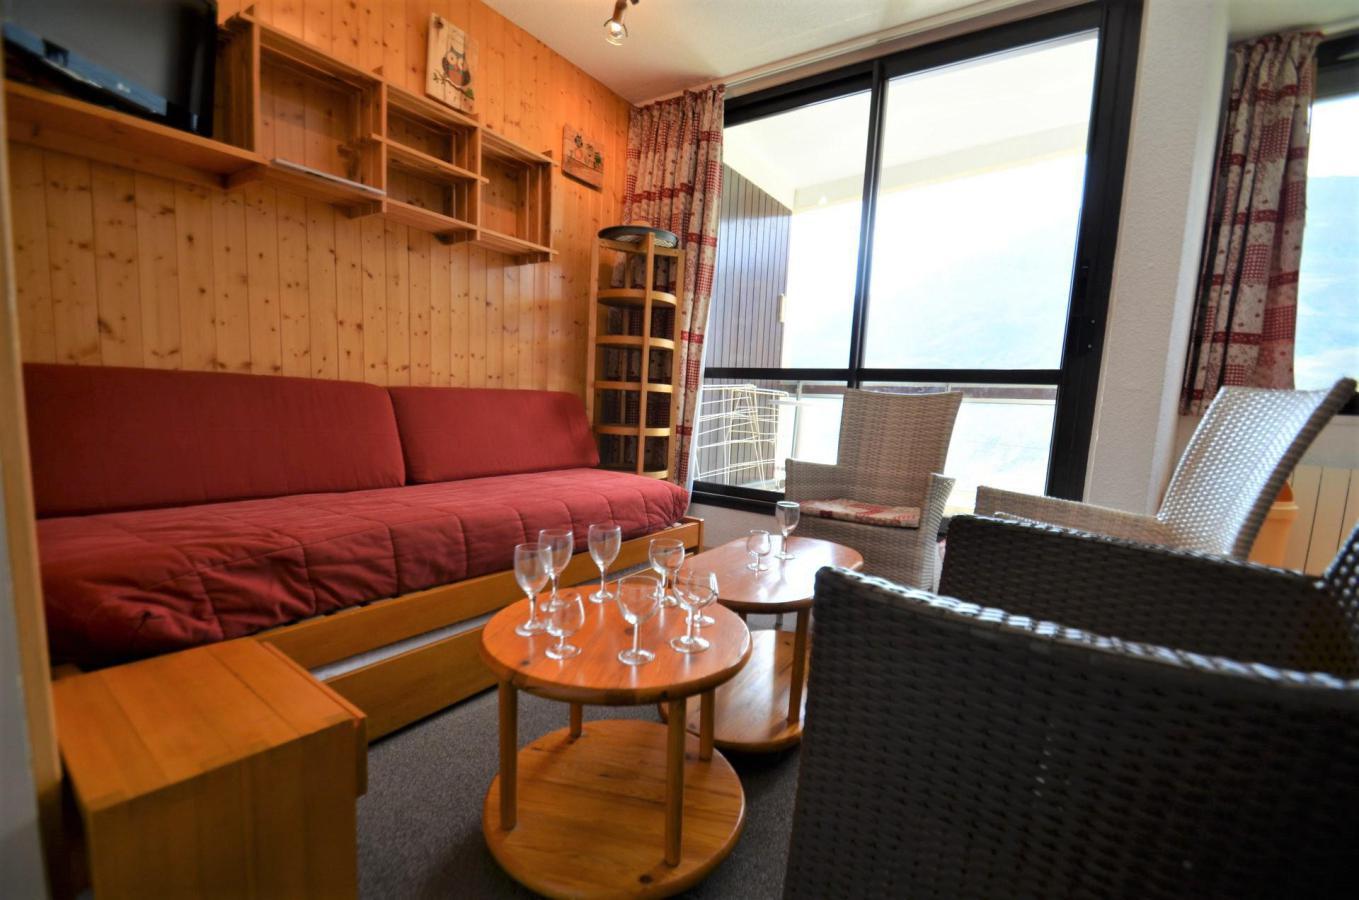 Location au ski Appartement 3 pièces 10 personnes - Residence Les Origanes - Les Menuires - Plaques électriques